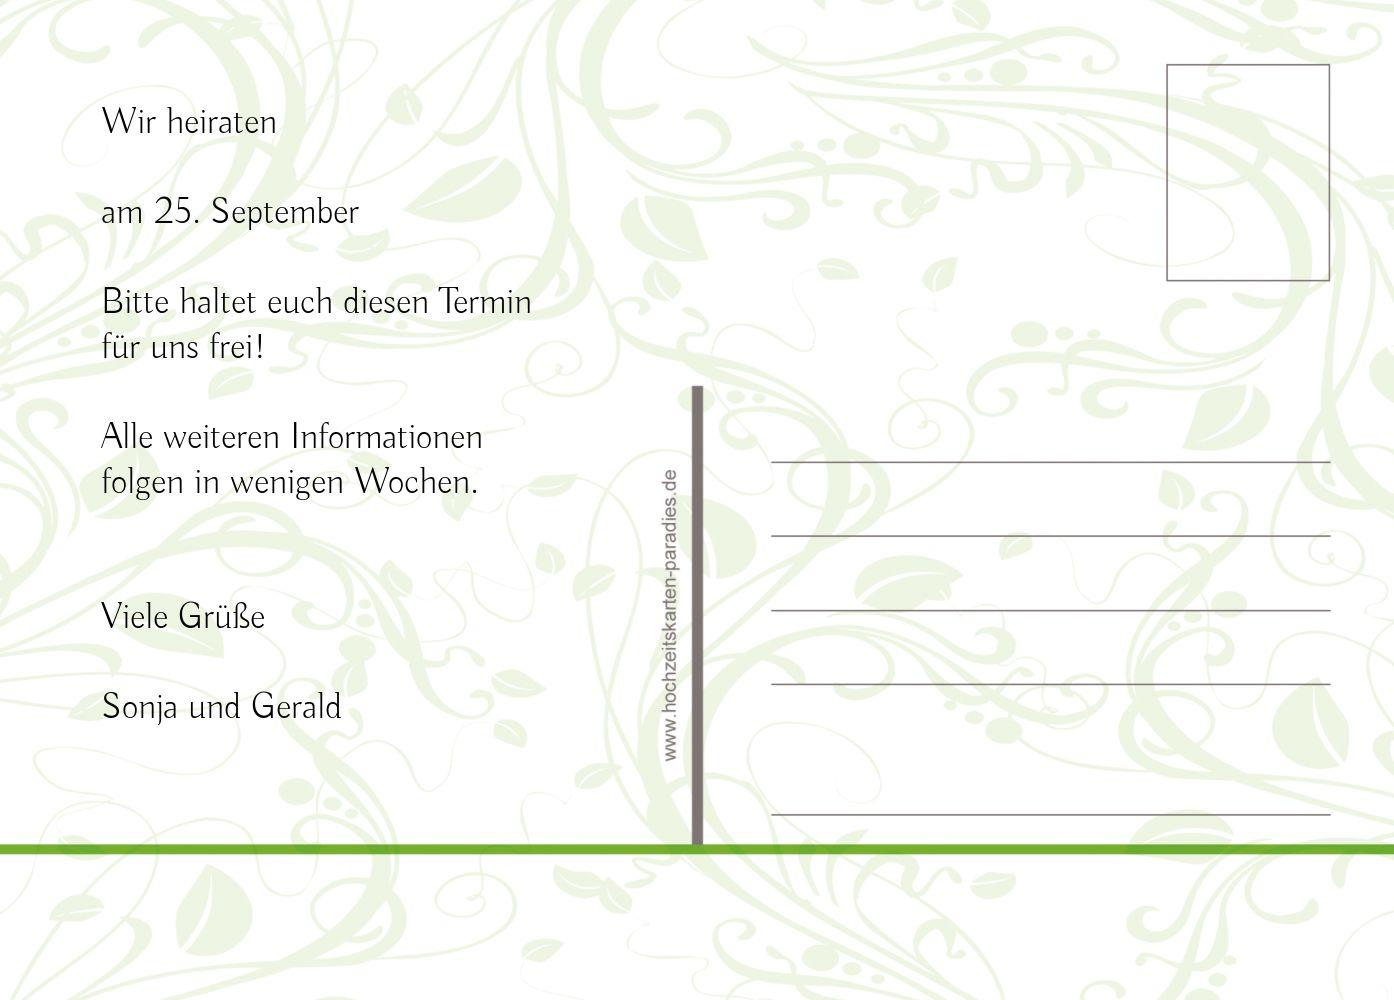 Ansicht 3 - Save-the-Date Blättertraum